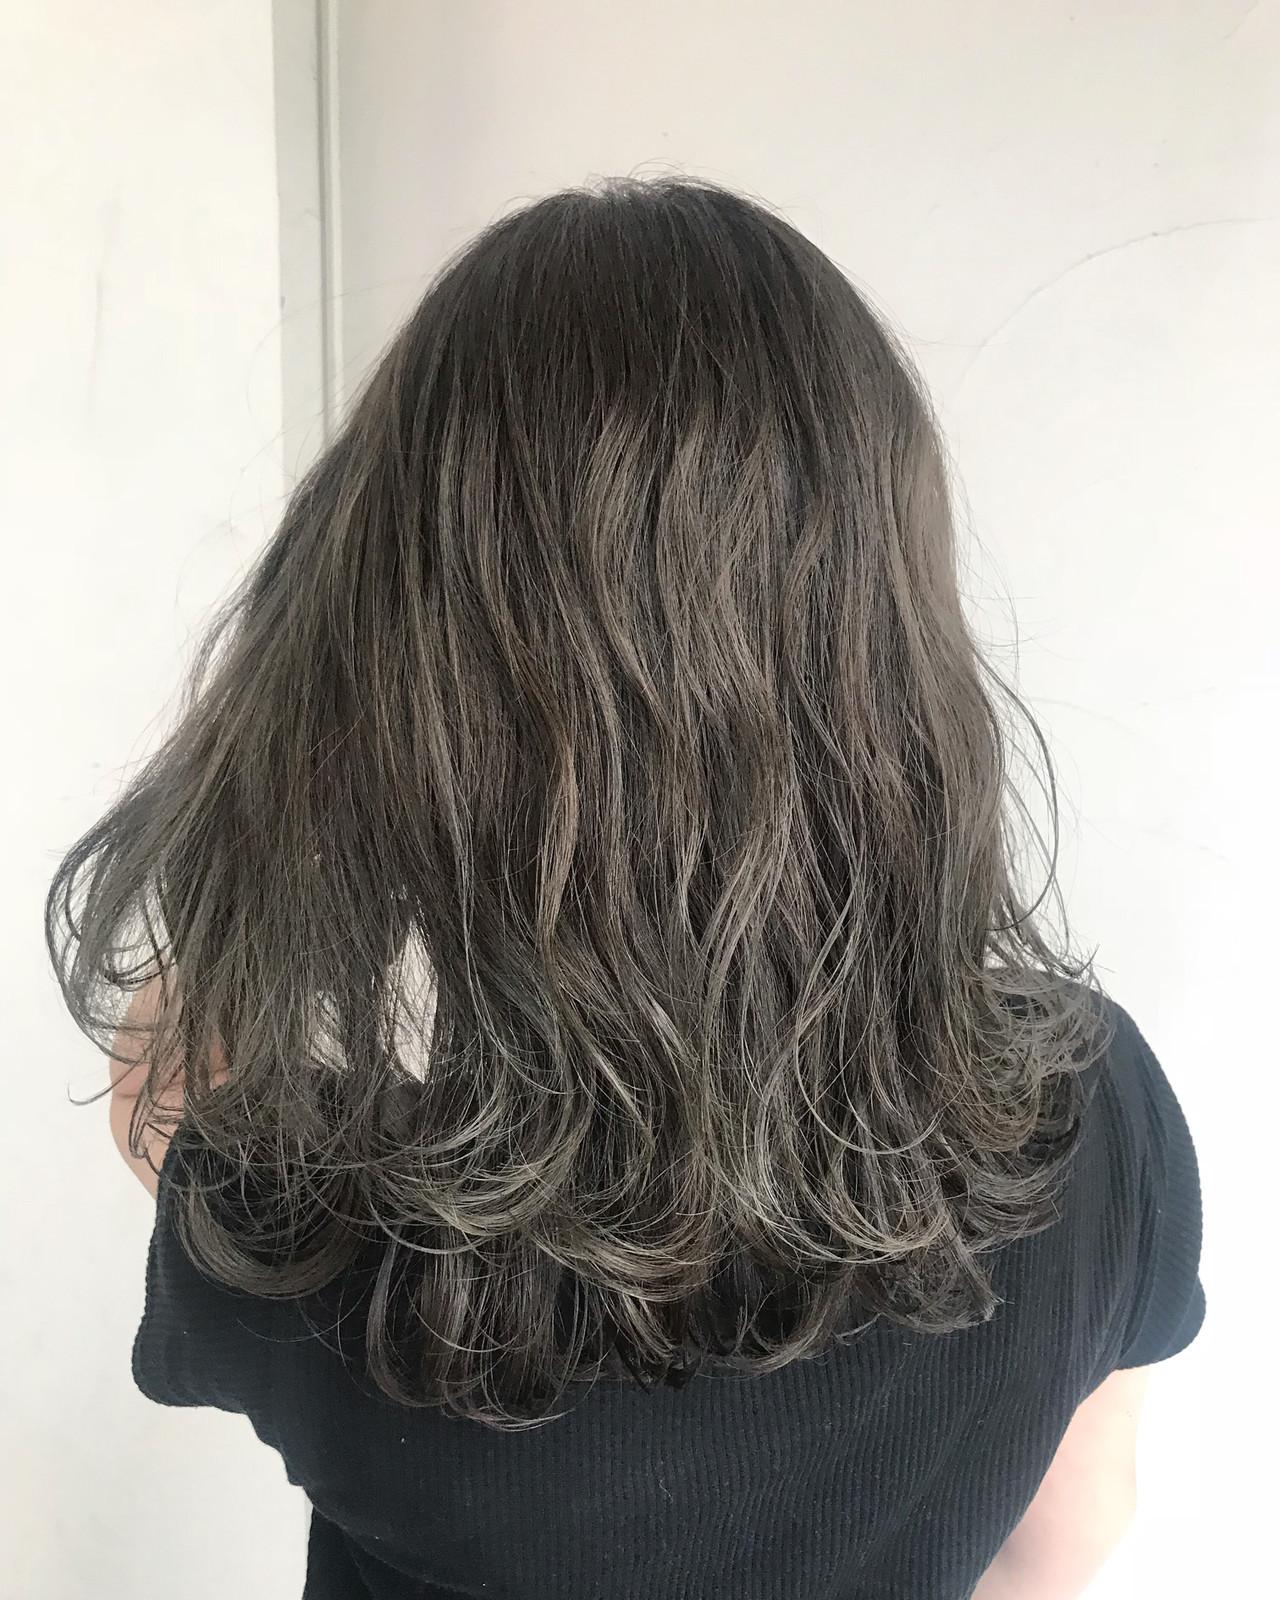 透明感 ゆるふわ グレージュ ストリート ヘアスタイルや髪型の写真・画像